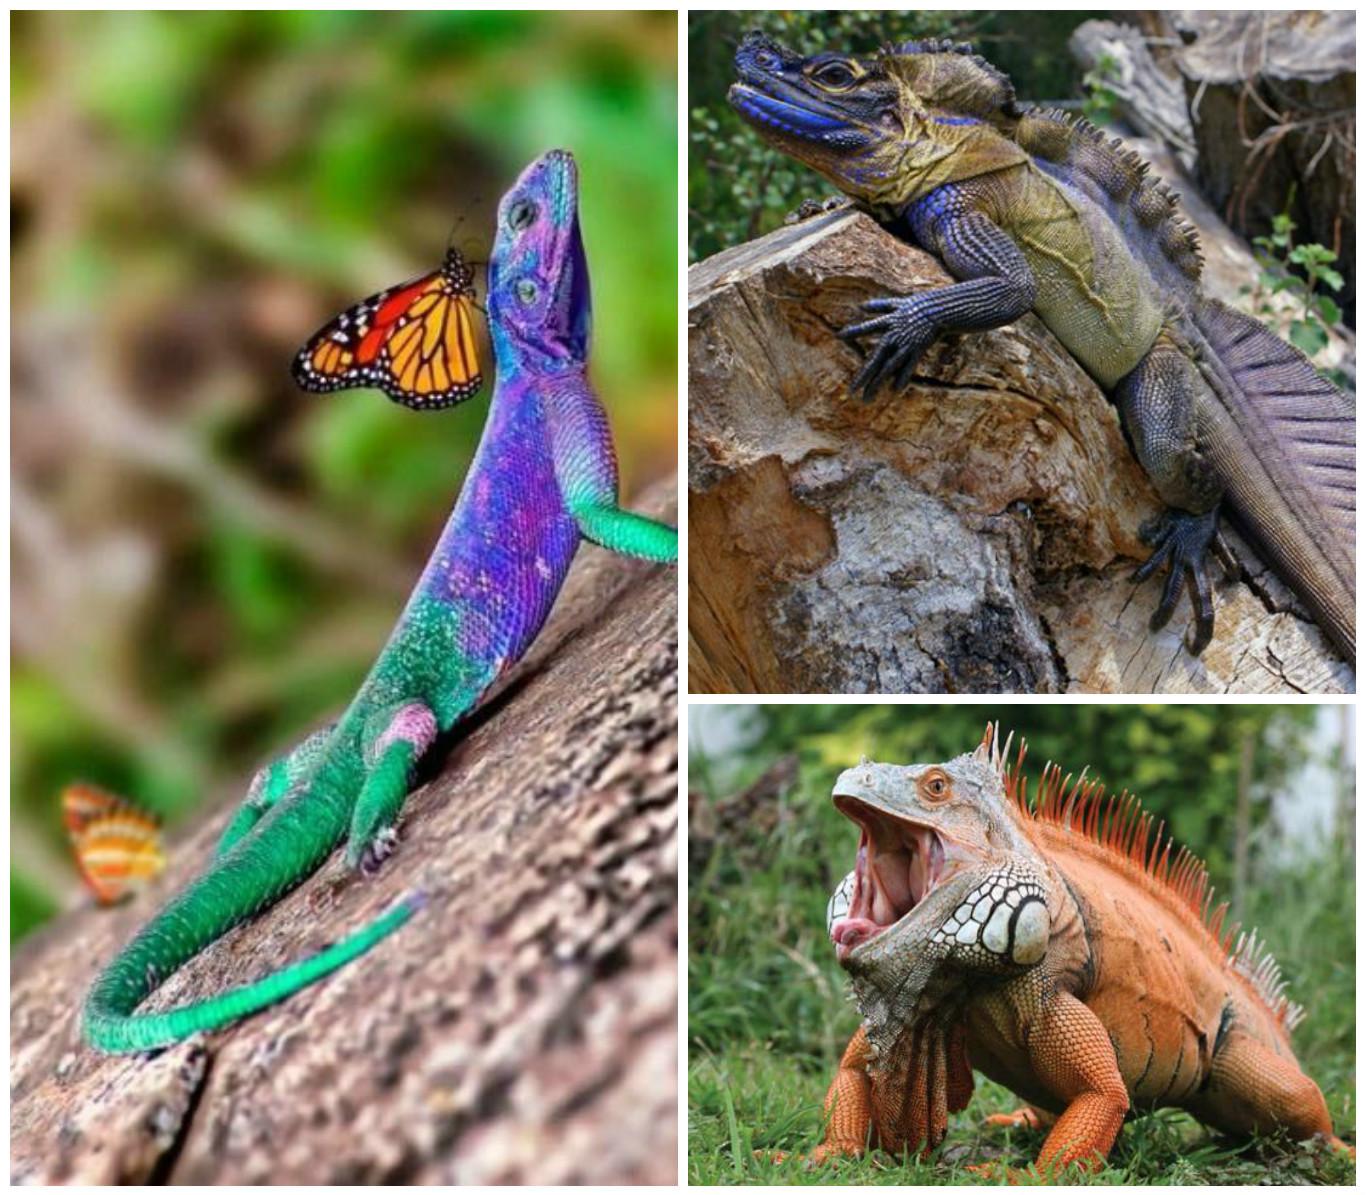 Хамелеон Хамелеон – в высшей степени уникальная рептилия. Его пальчики соединены перепонкой, у